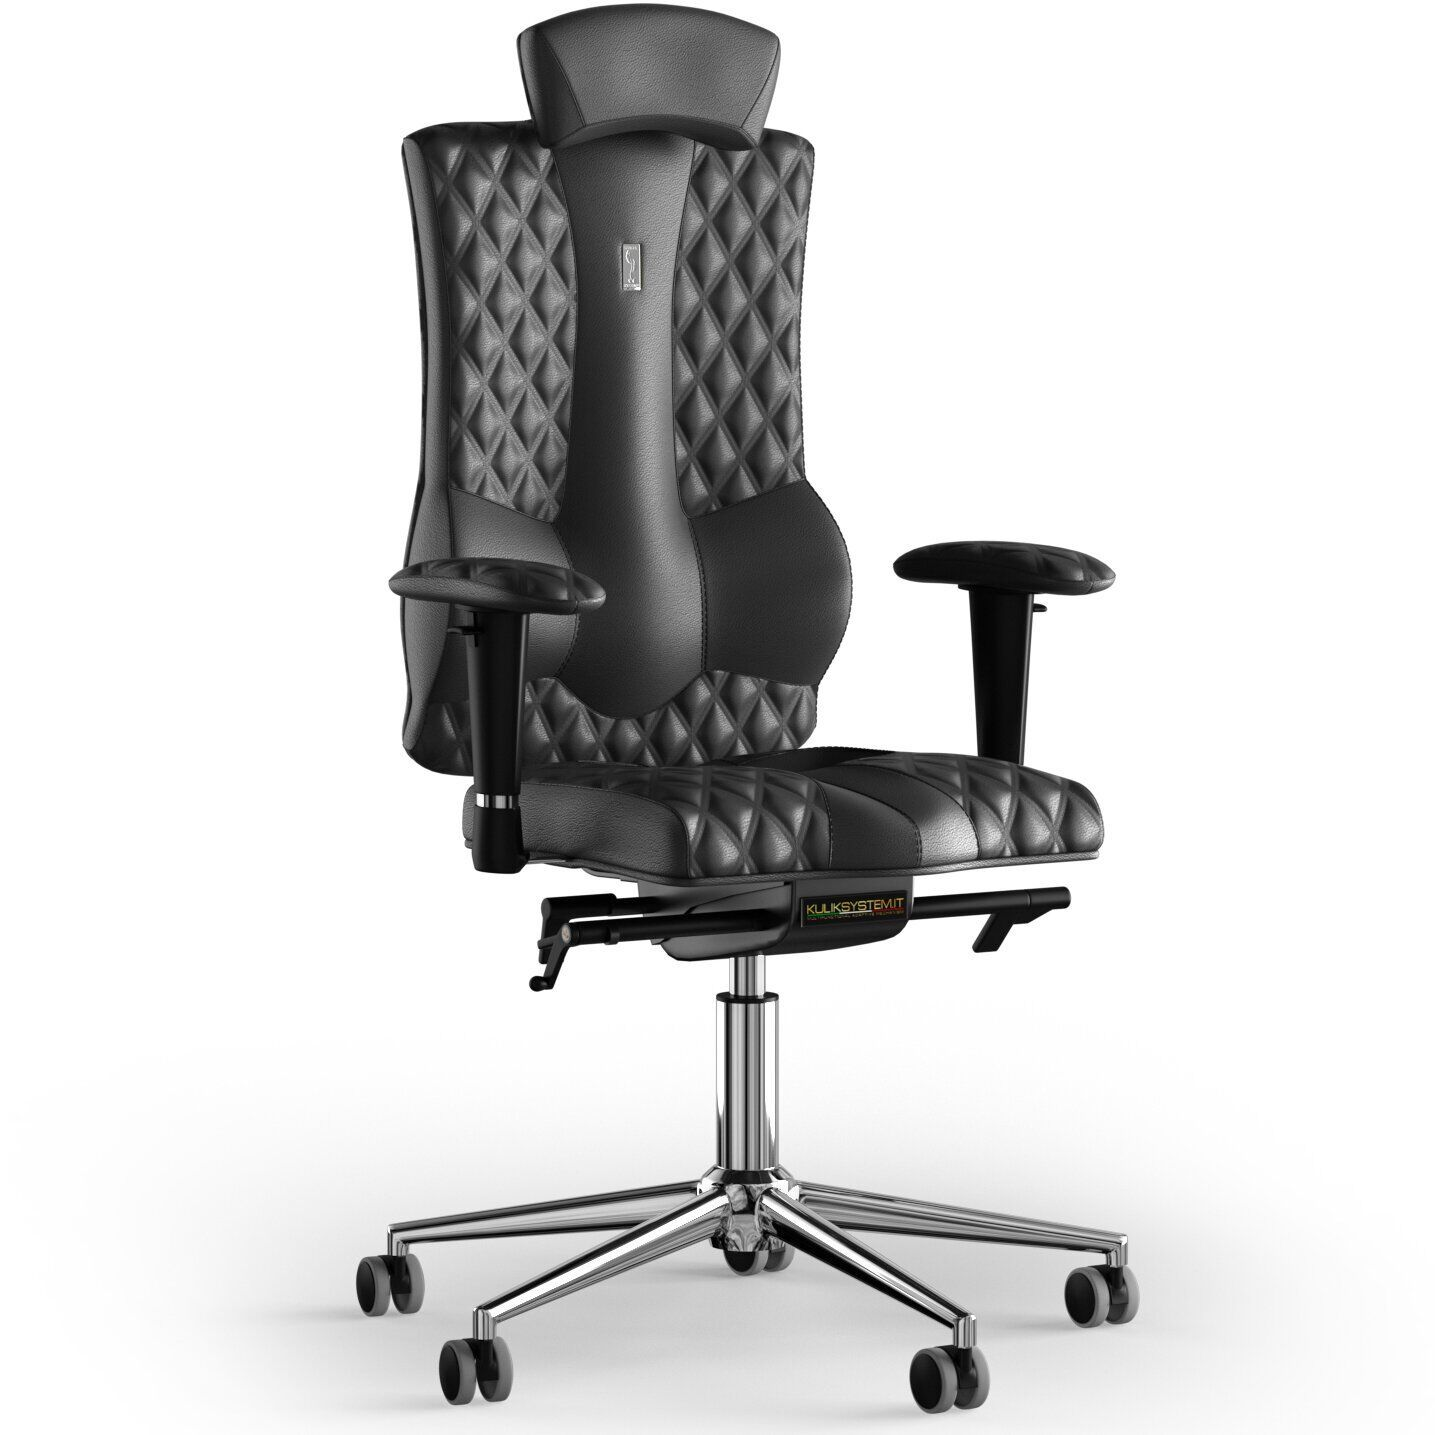 Кресло KULIK SYSTEM ELEGANCE Кожа с подголовником со строчкой